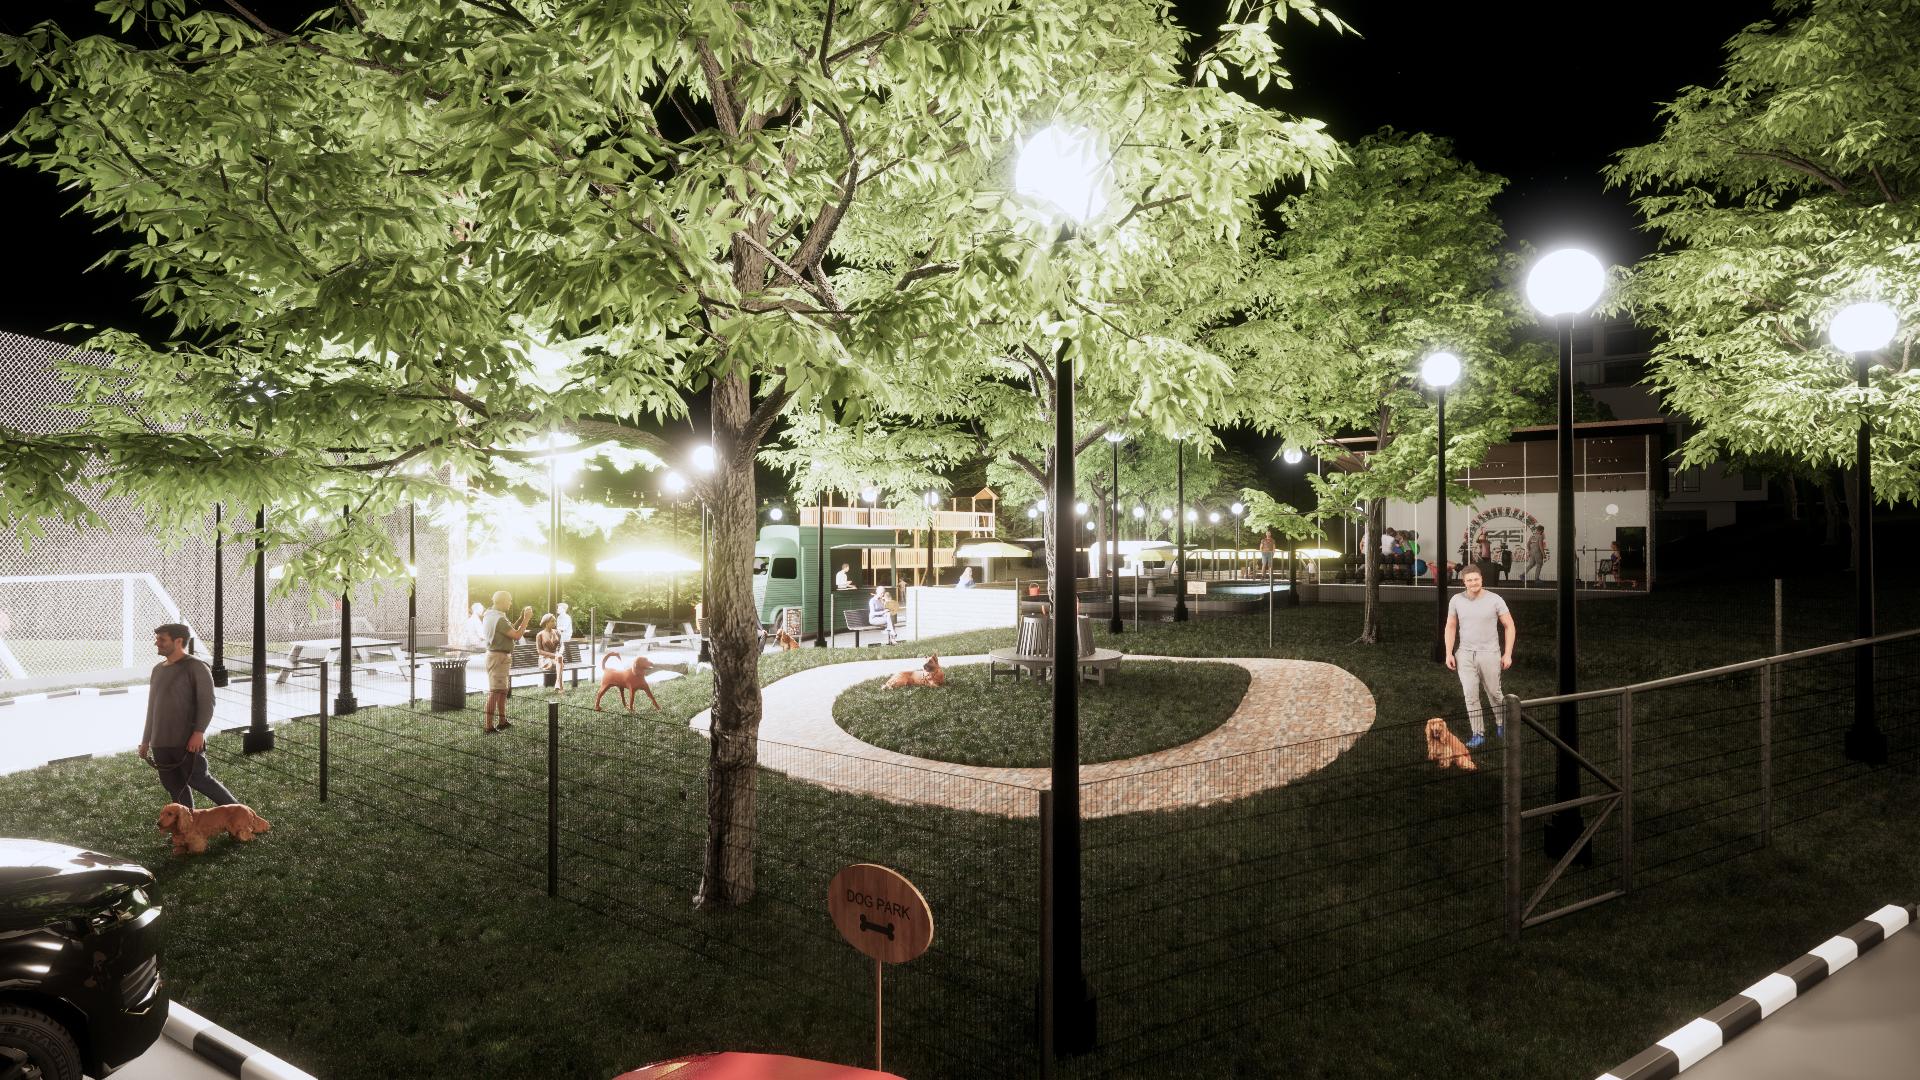 Park 3D Rendering BIM Modelling